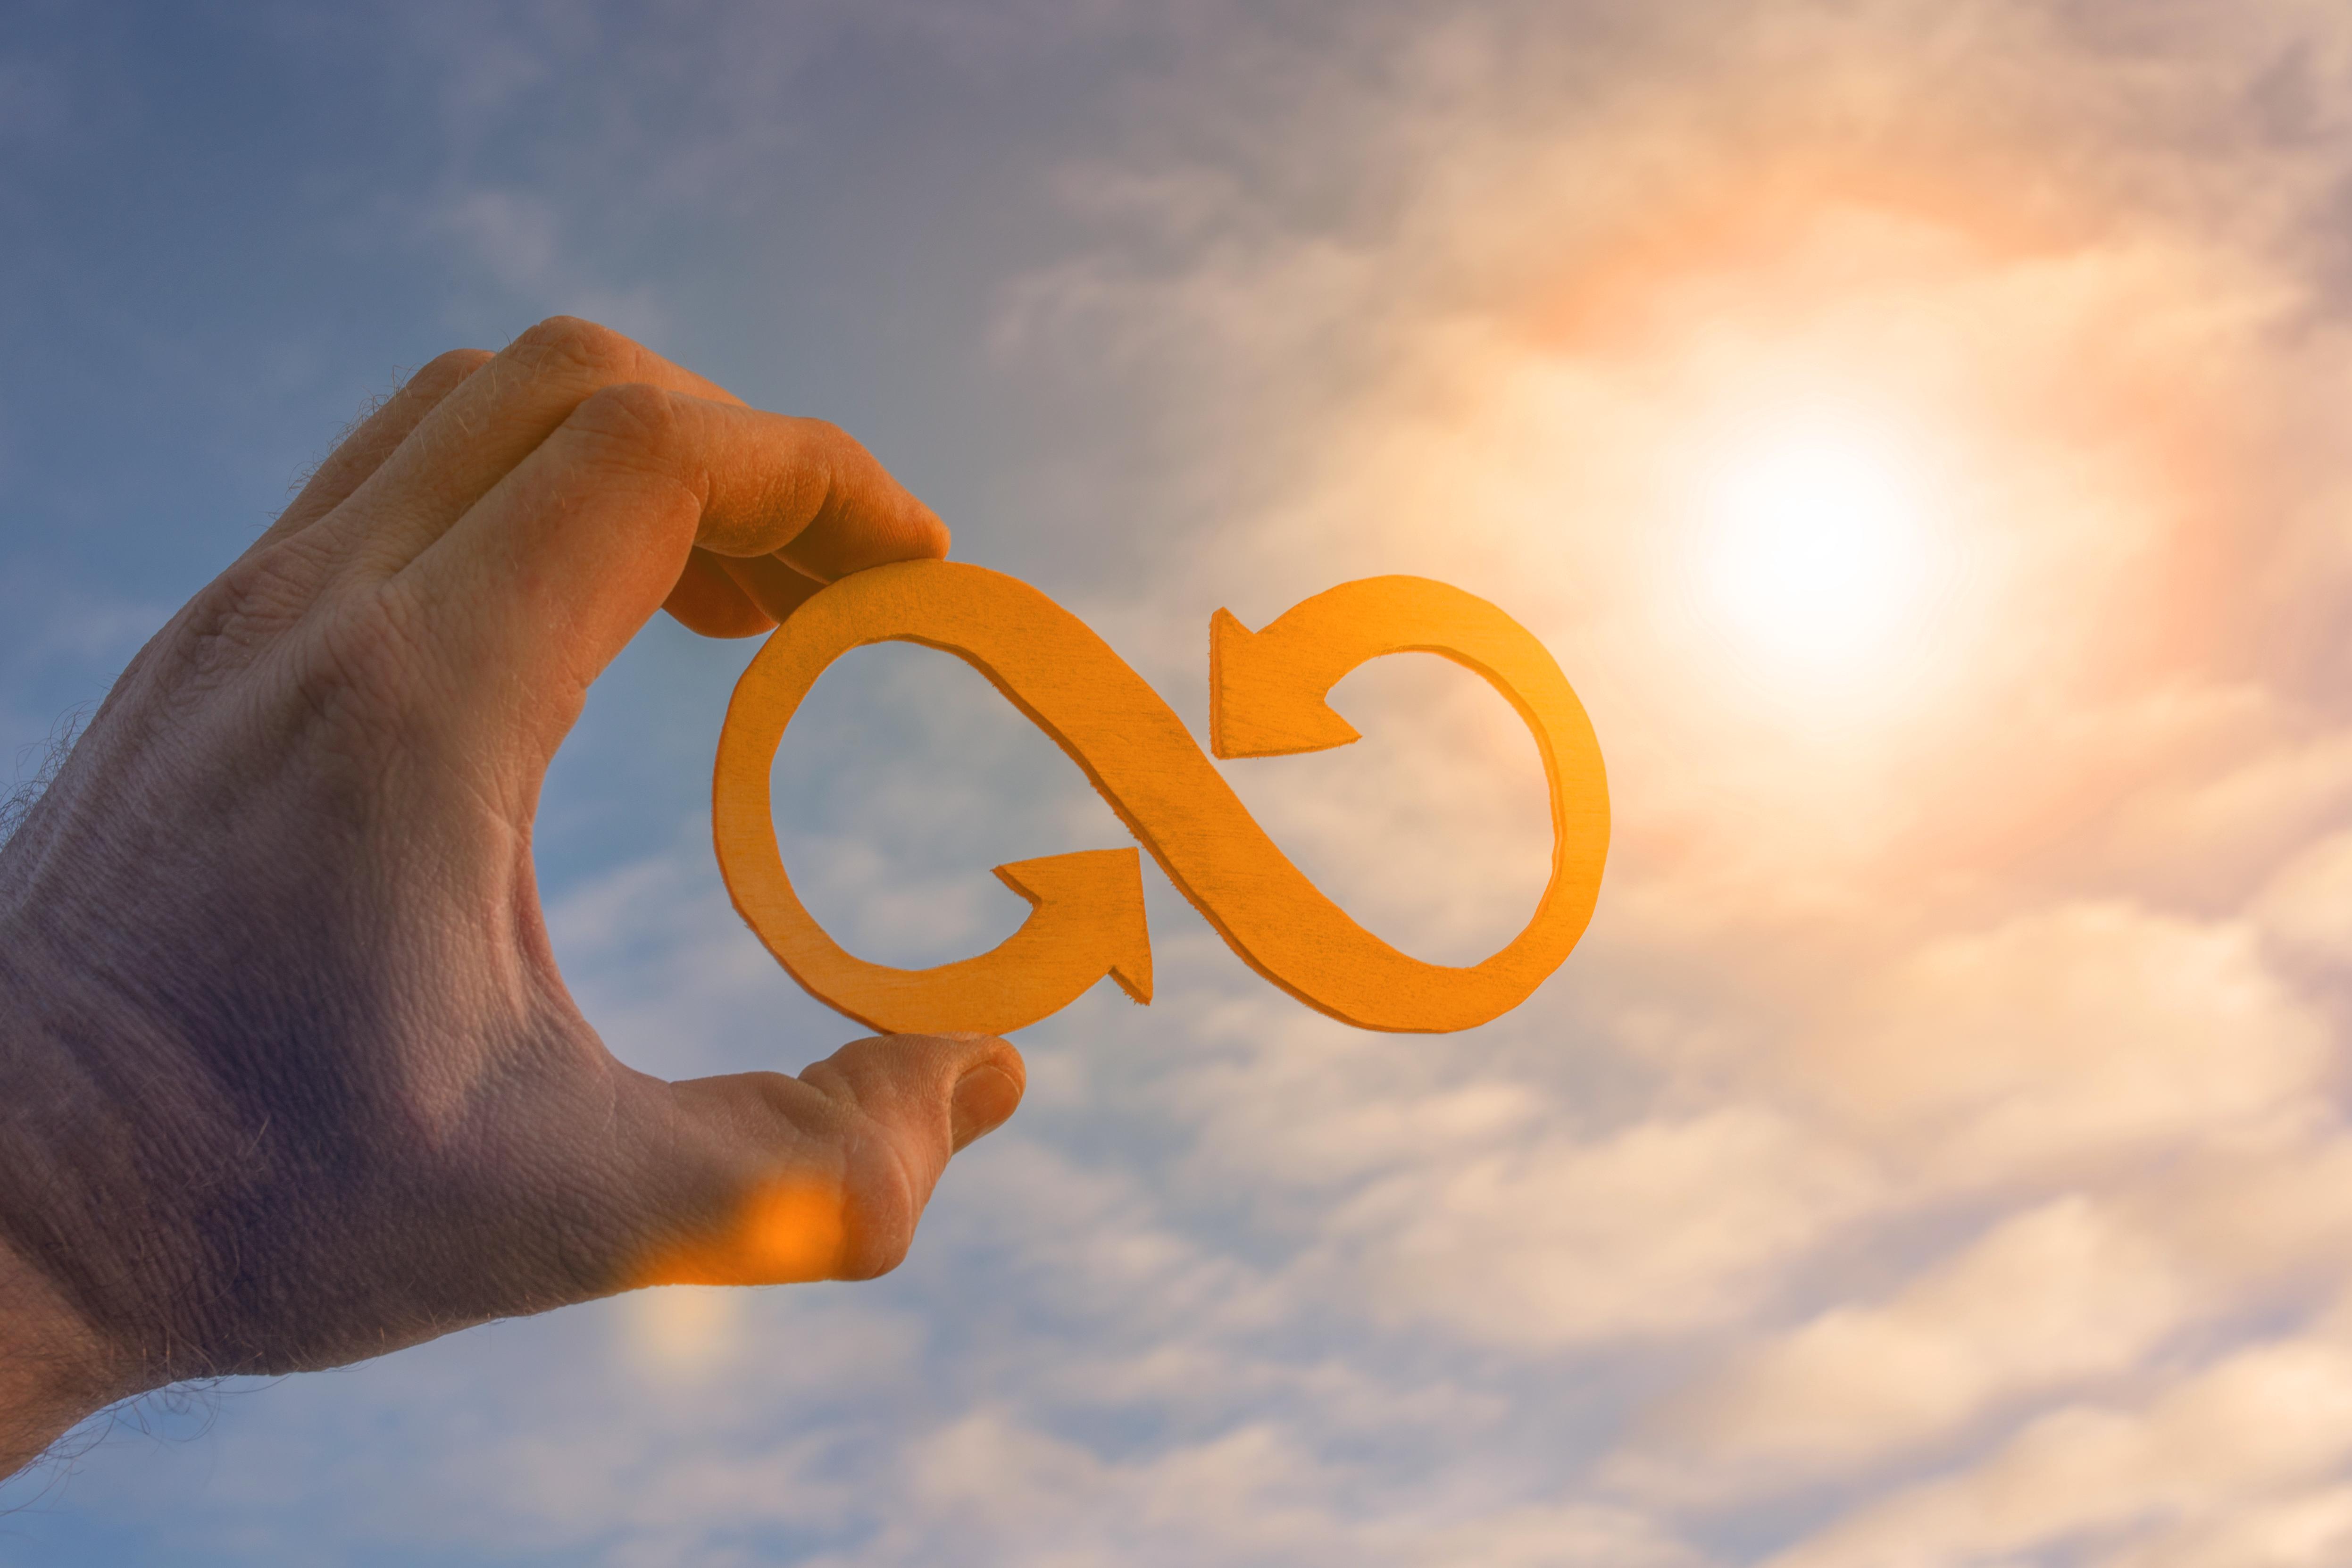 mão segurando o símbolo economia circular